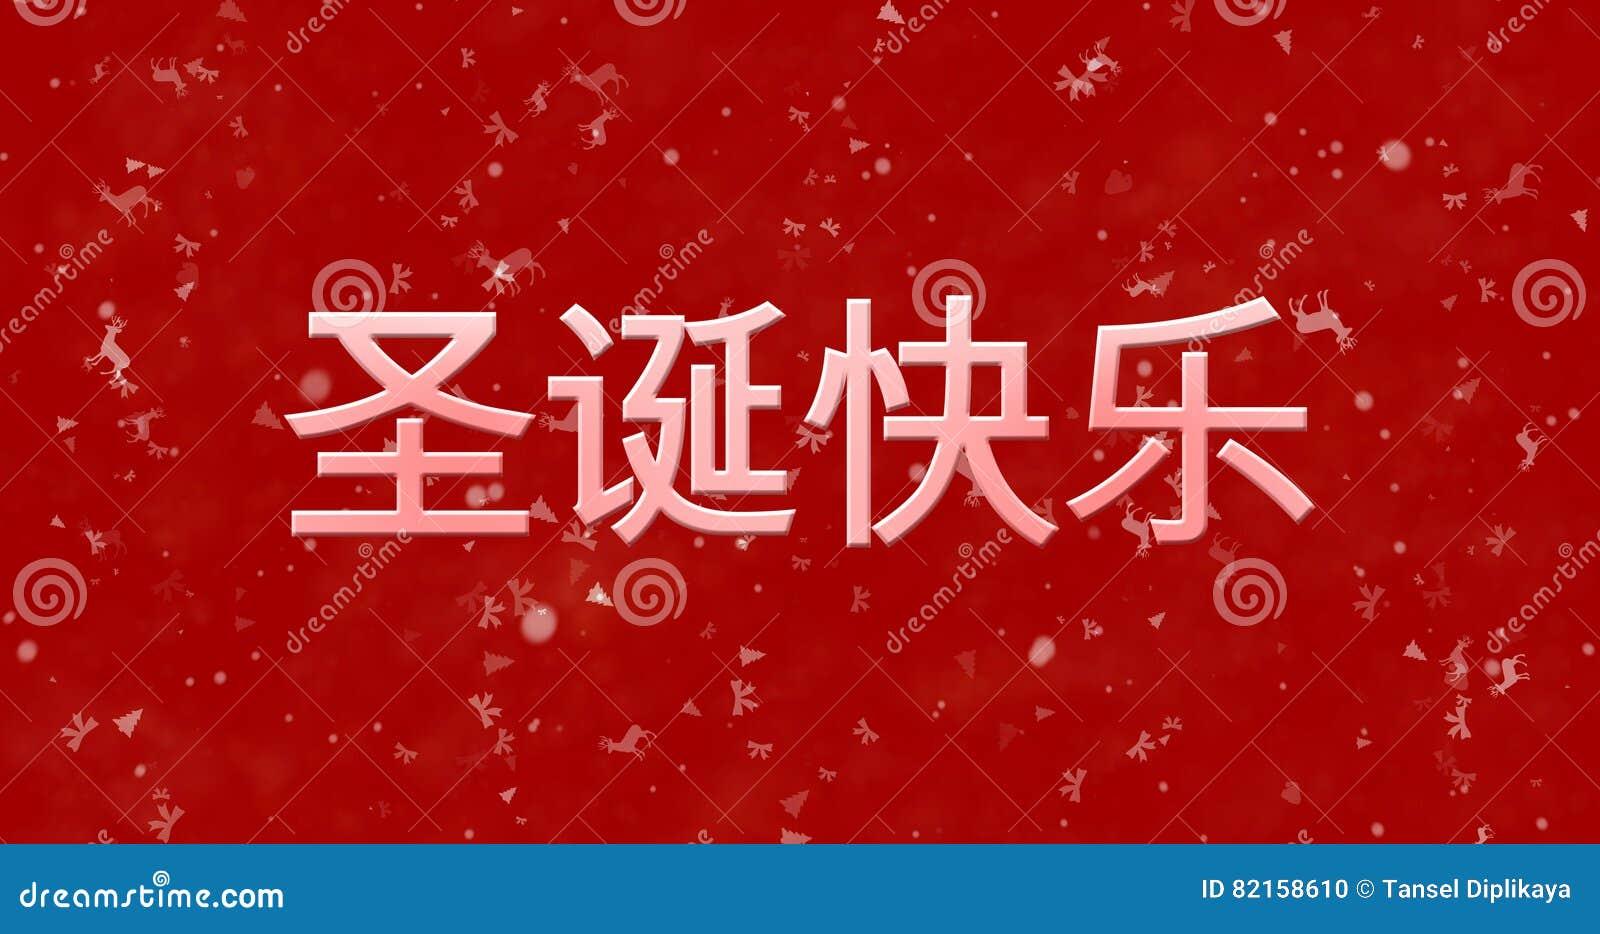 Auguri Di Buon Natale In Cinese.Testo Di Buon Natale In Cinese Su Fondo Rosso Illustrazione Di Stock